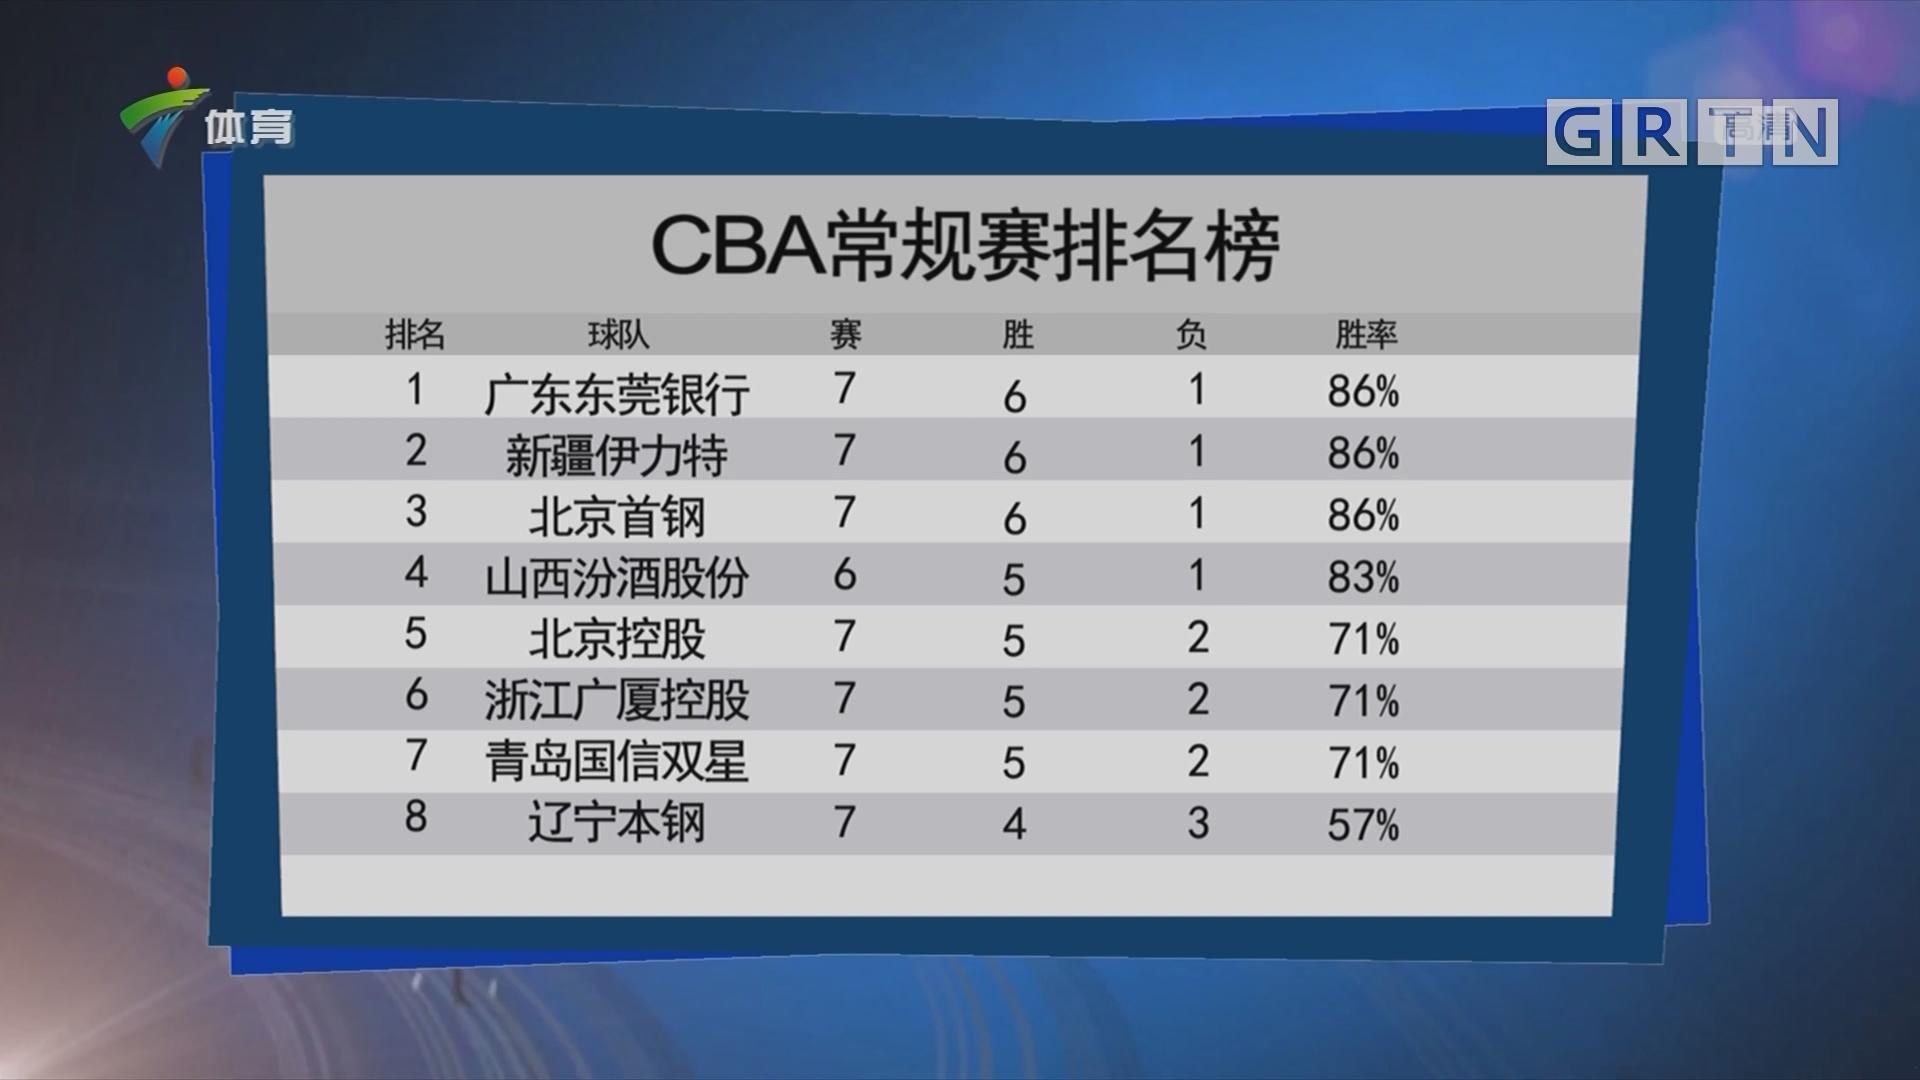 CBA常规赛排名榜